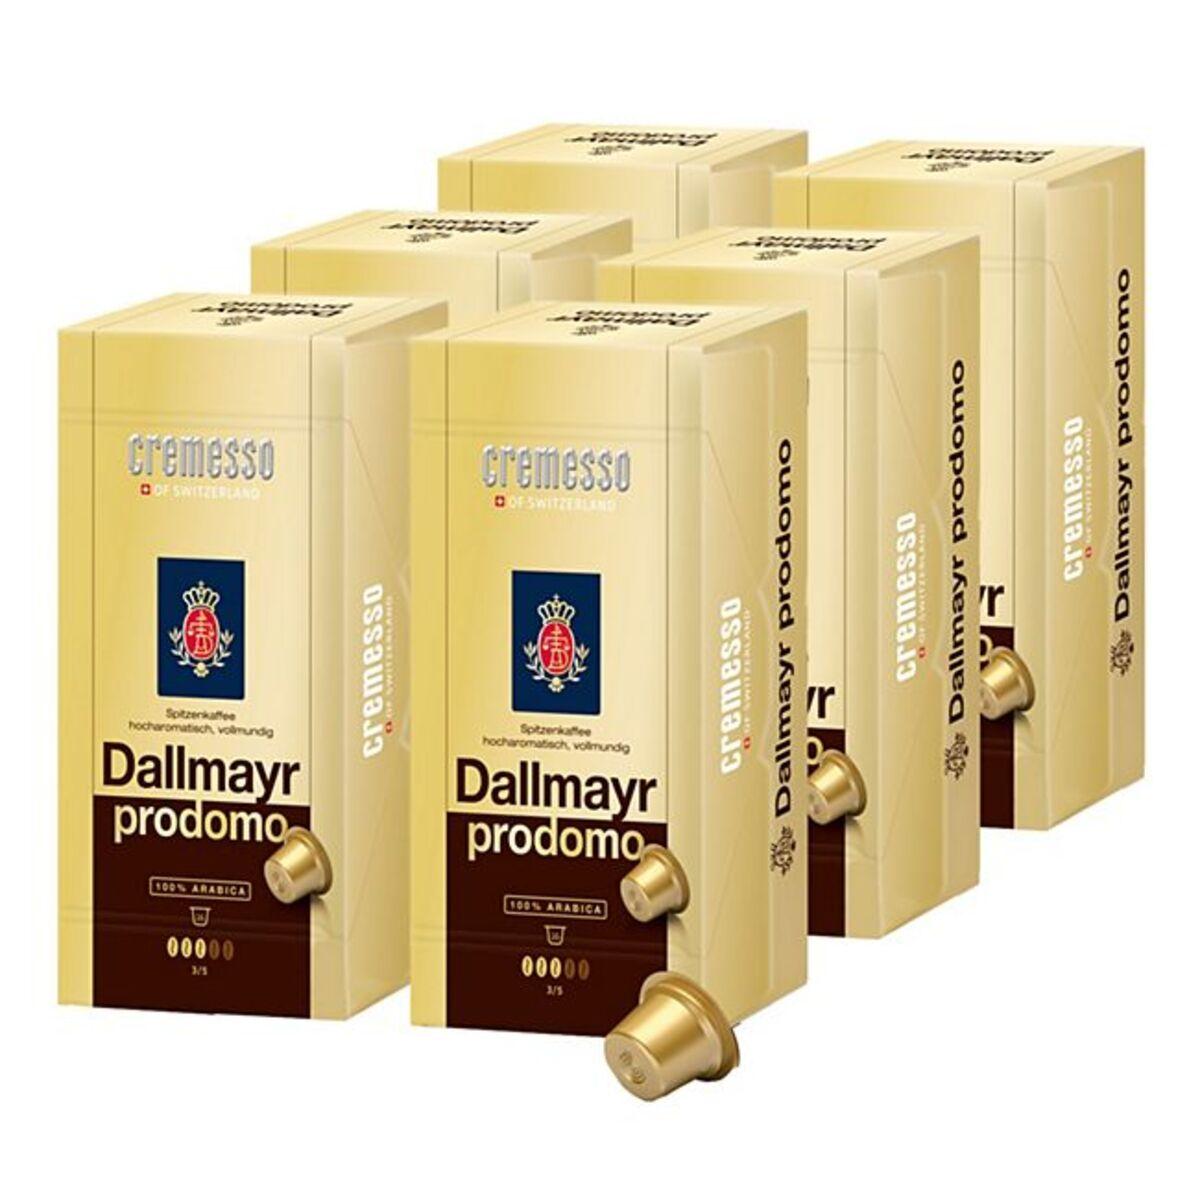 Bild 1 von Cremesso Dallmayr Prodomo Kaffee 91 g, 6er Pack